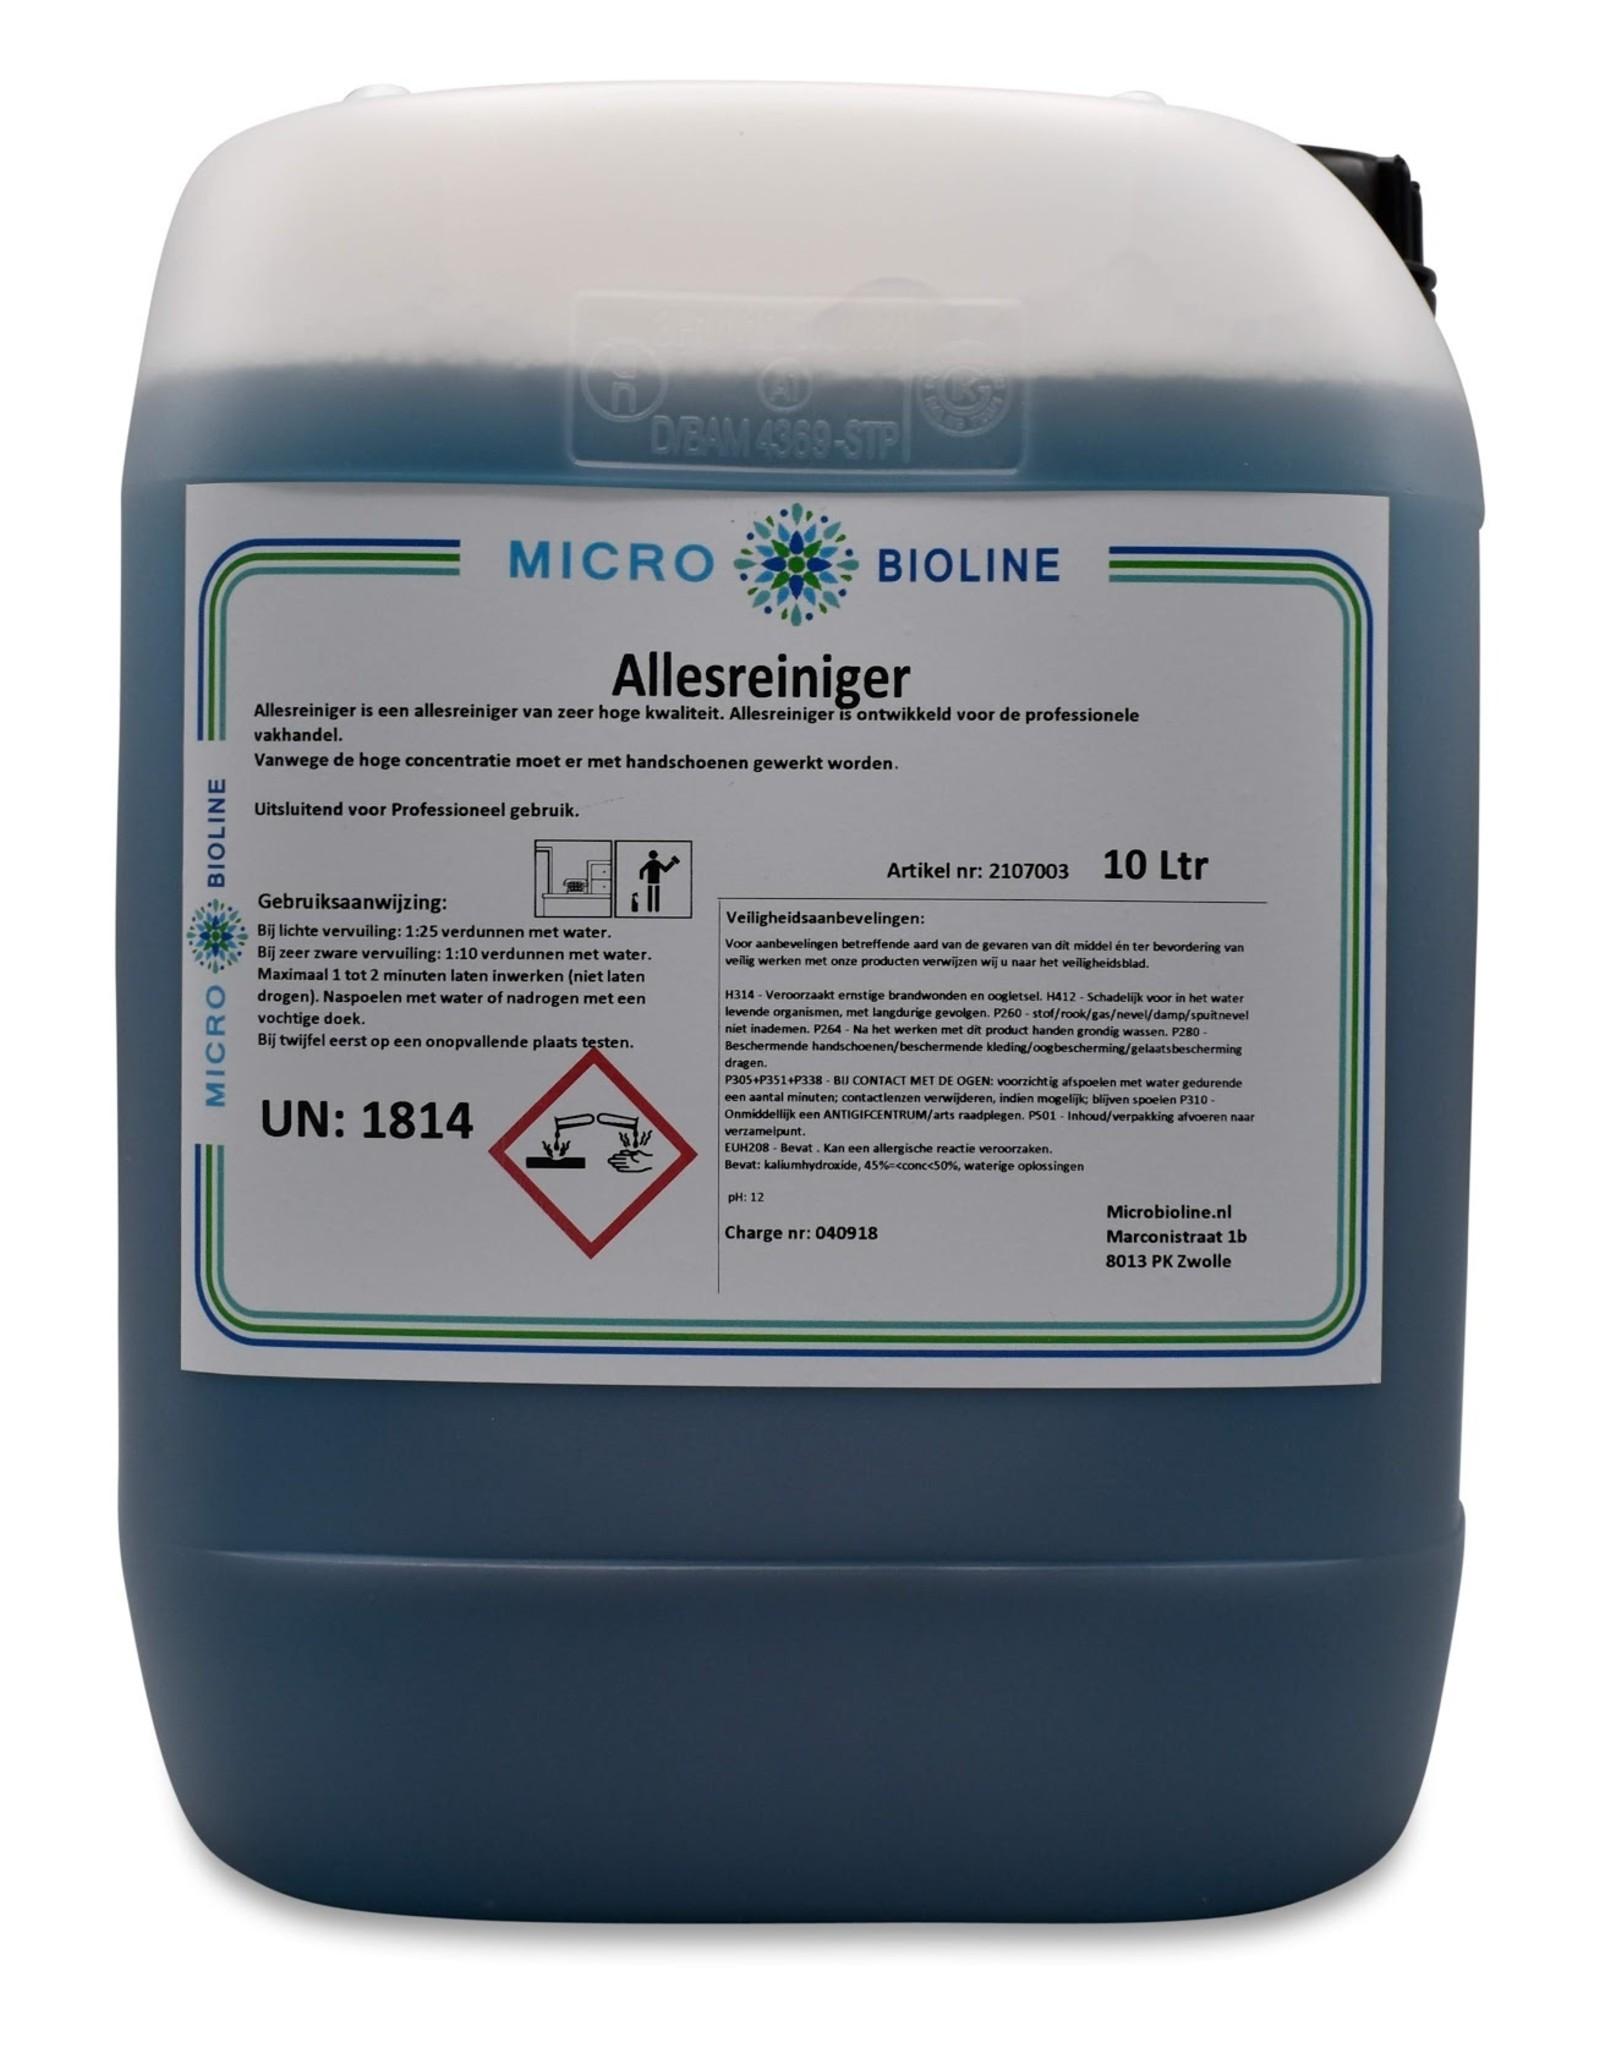 MICRO BIOLINE Allesreiniger   10 liter voordeelverpakking   Concentraat